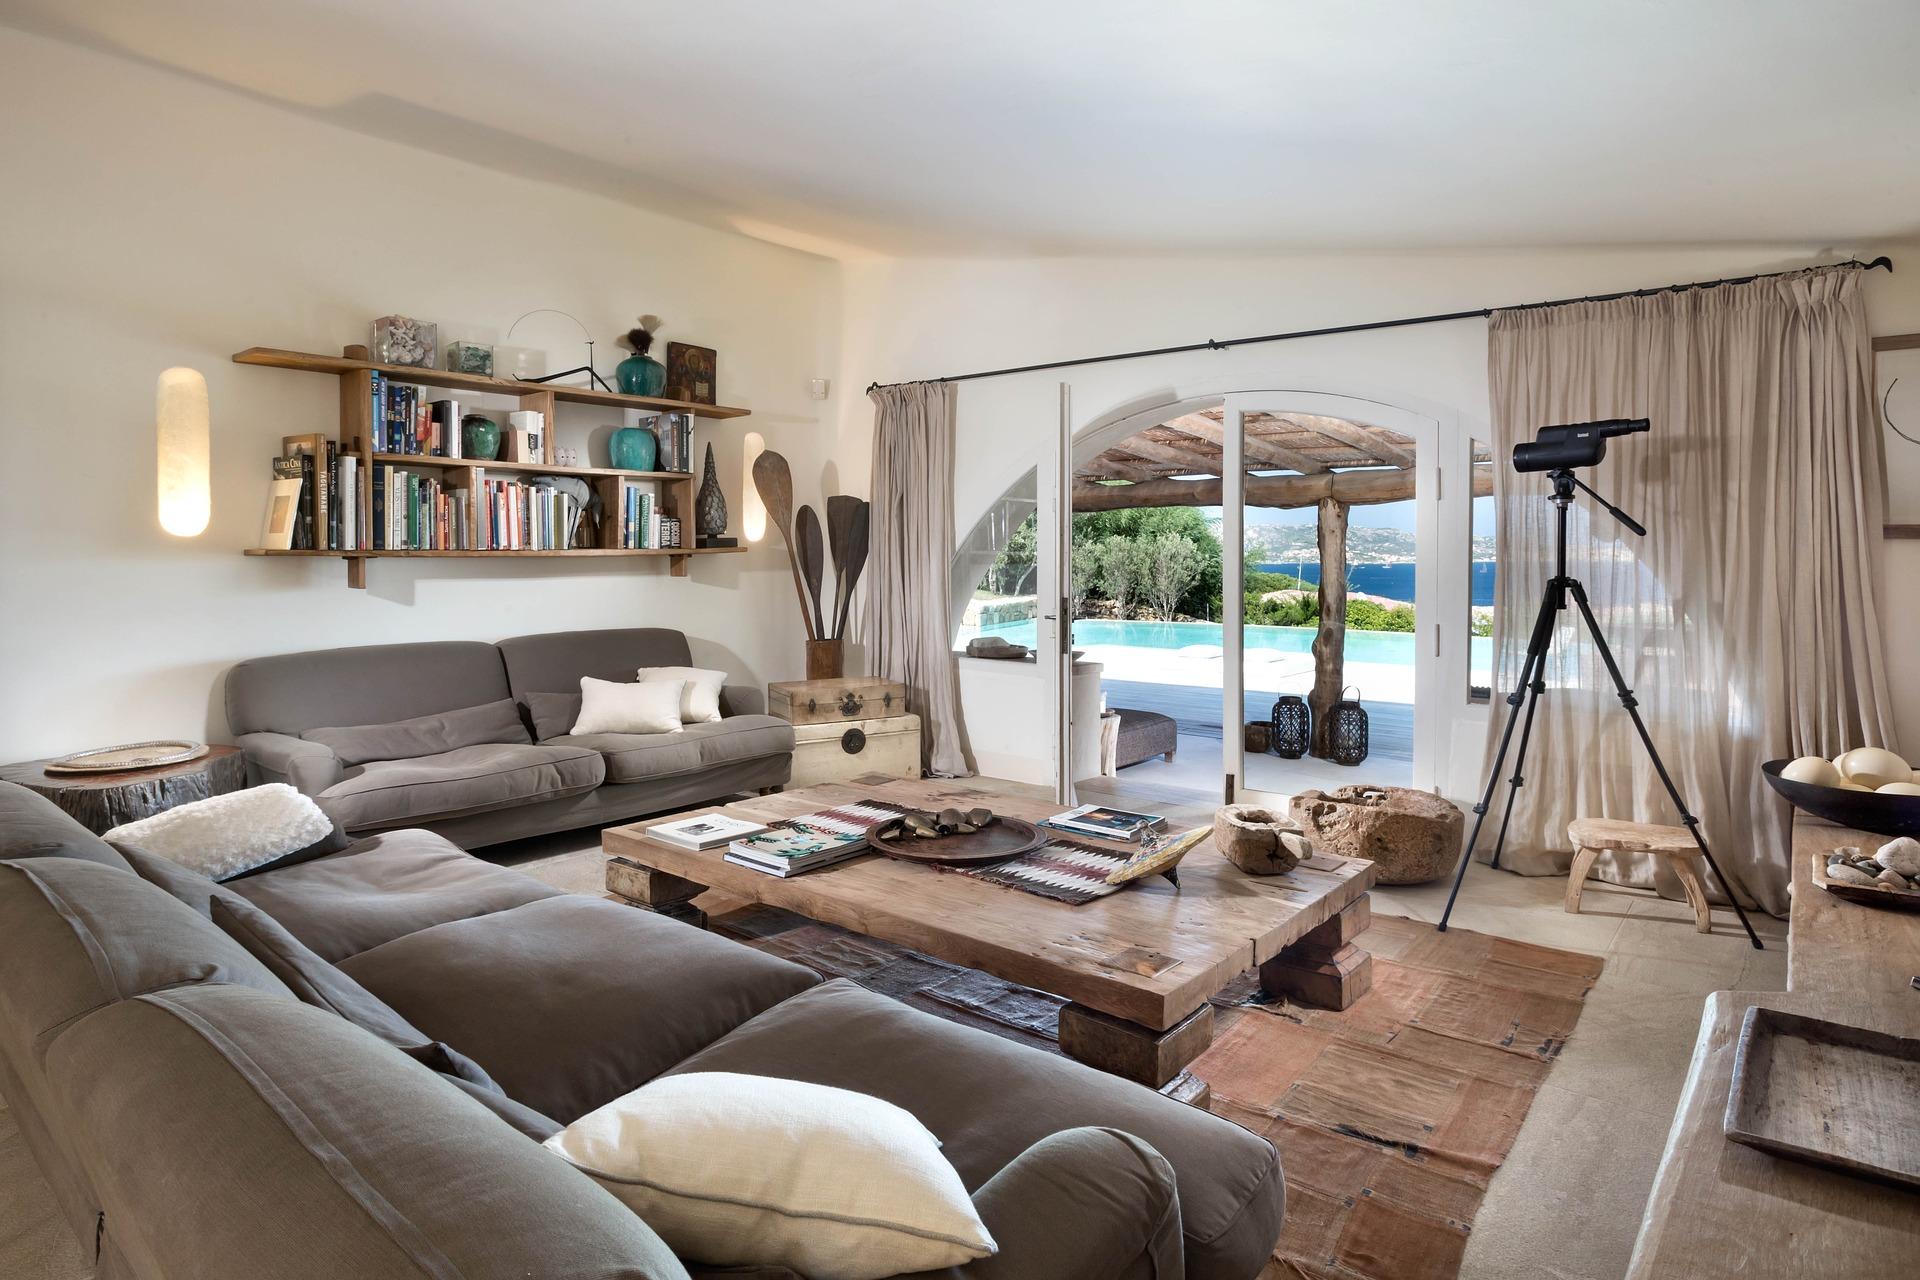 Qualche idea su come arredare un soggiorno